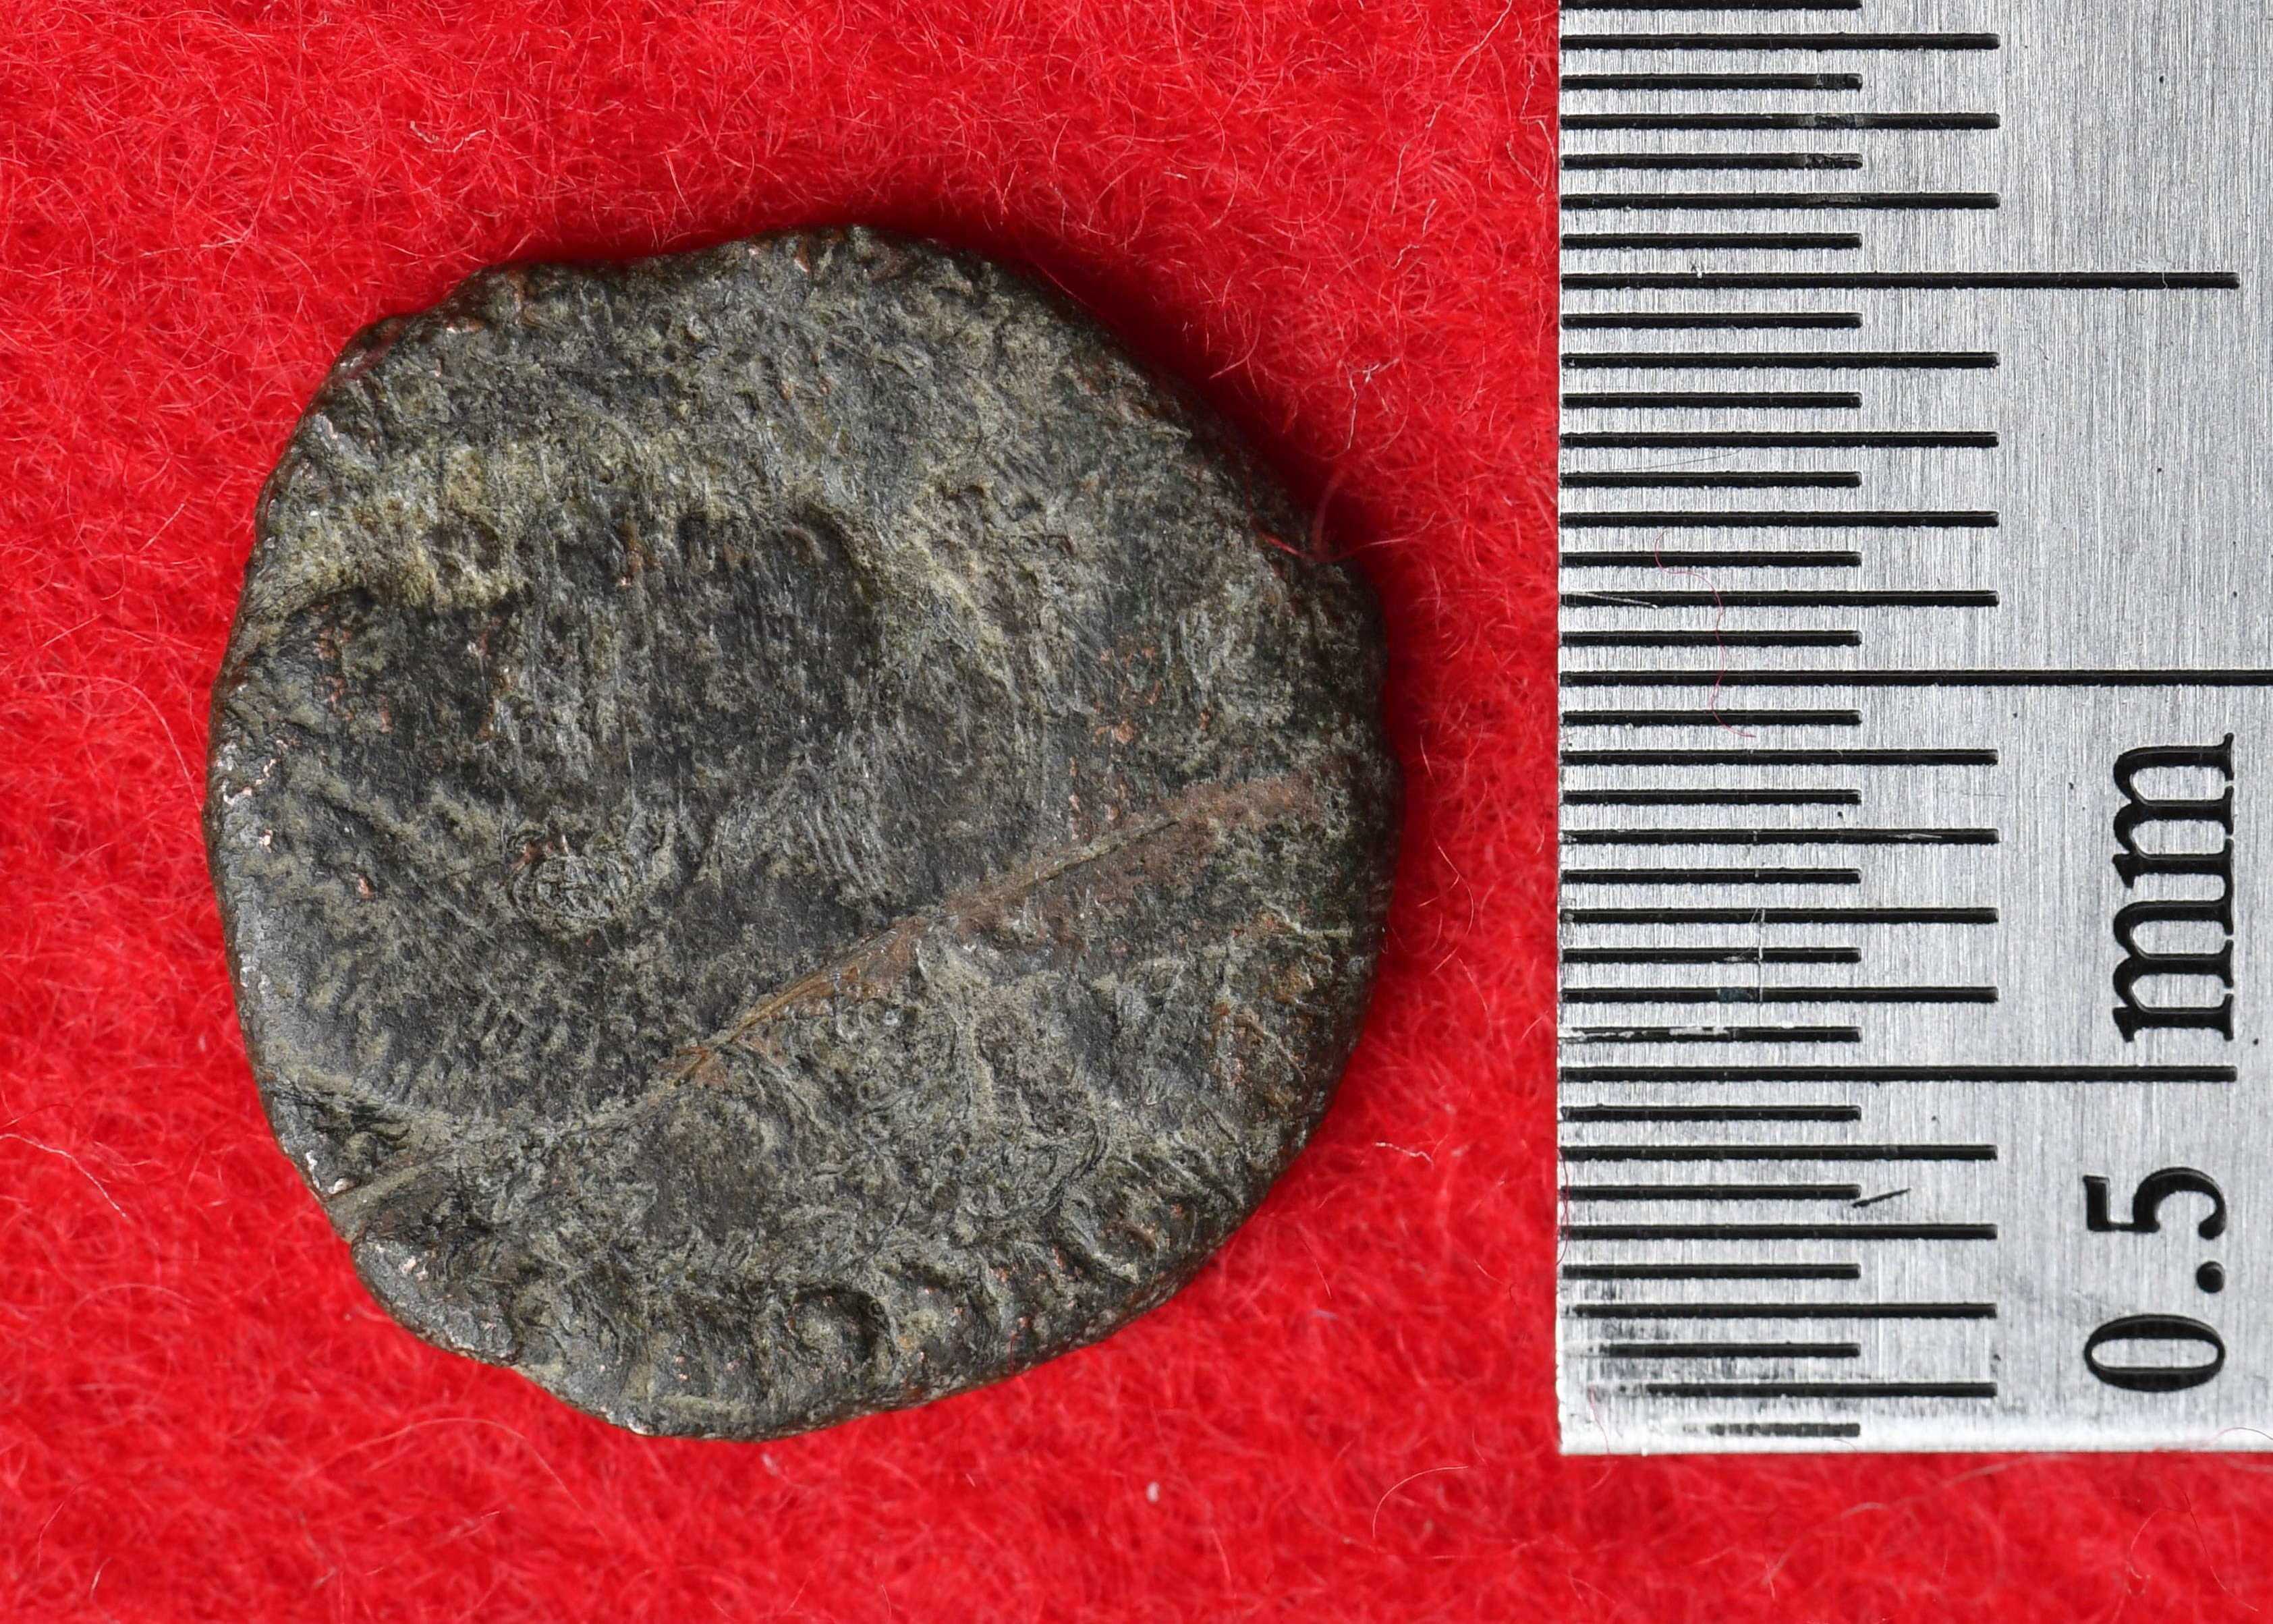 Uma das quatro moedas encontradas (Foto: Conselho de Educação de Urama)